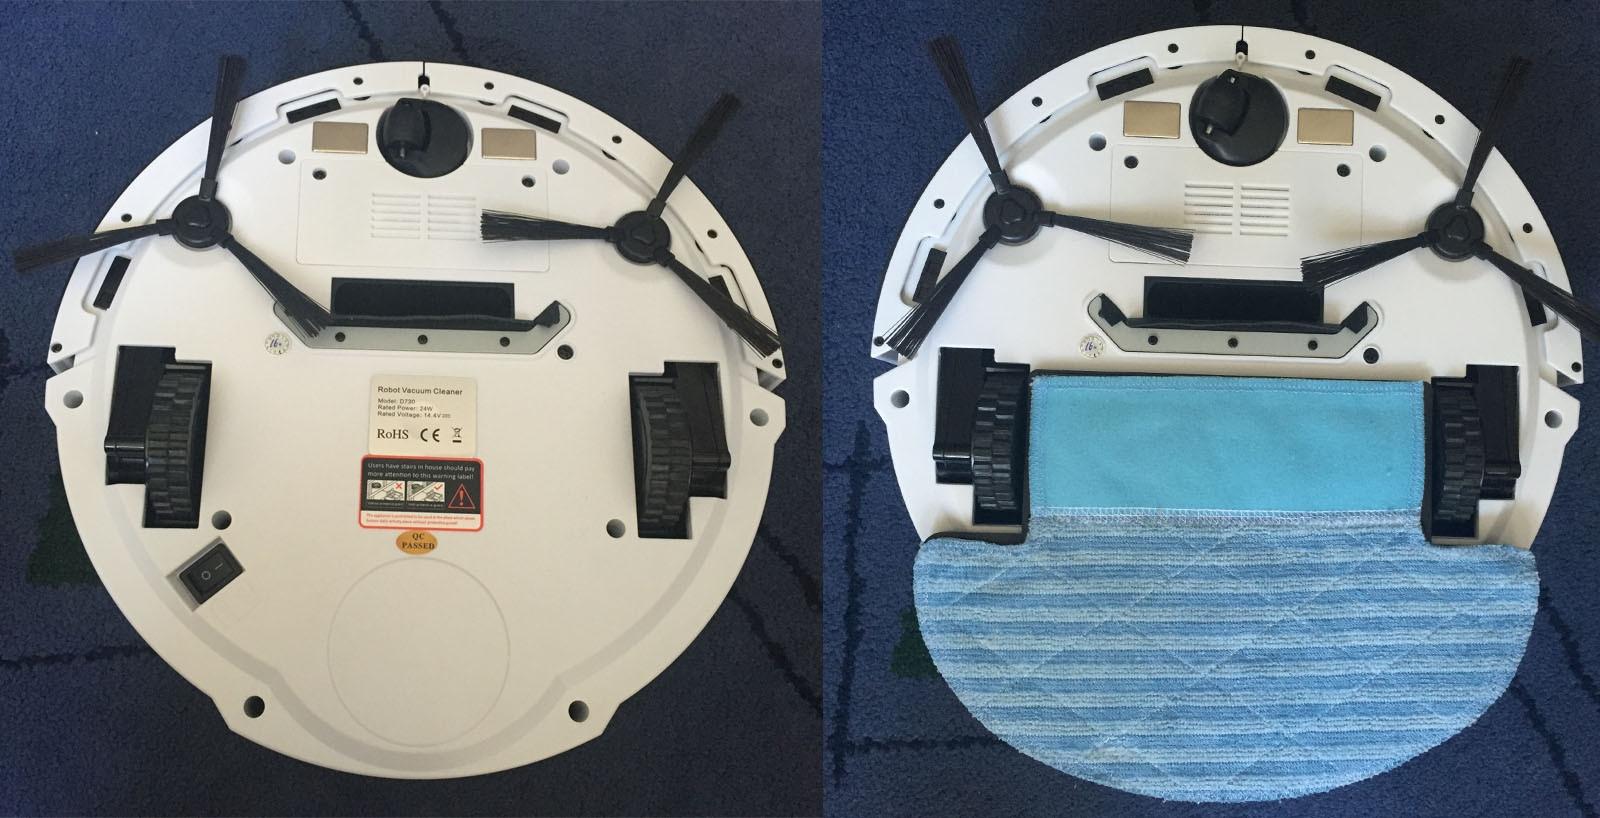 Seebest D730 Your Standard Hard Floor Robot Cleaner